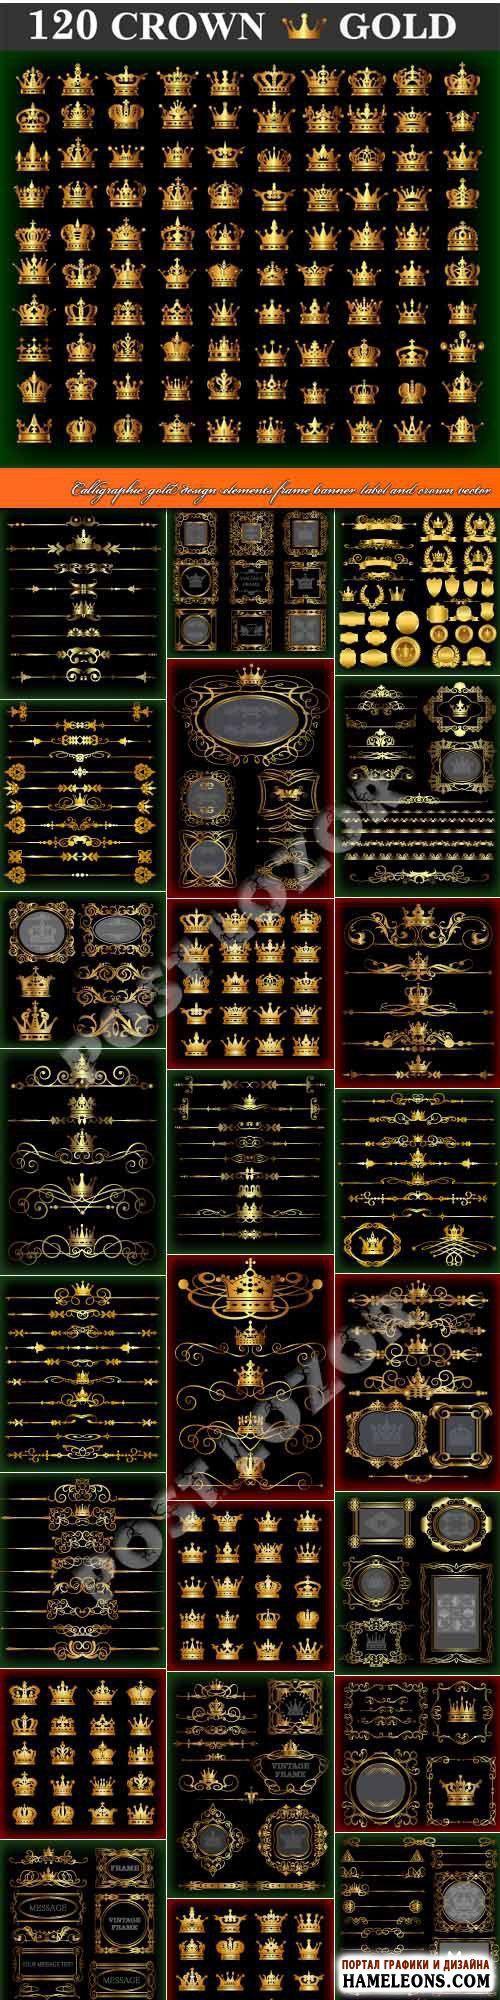 Каллиграфические золотистые элементы, рамки, короны - сборник в векторе | Calligraphic gold elements frame and crown vector